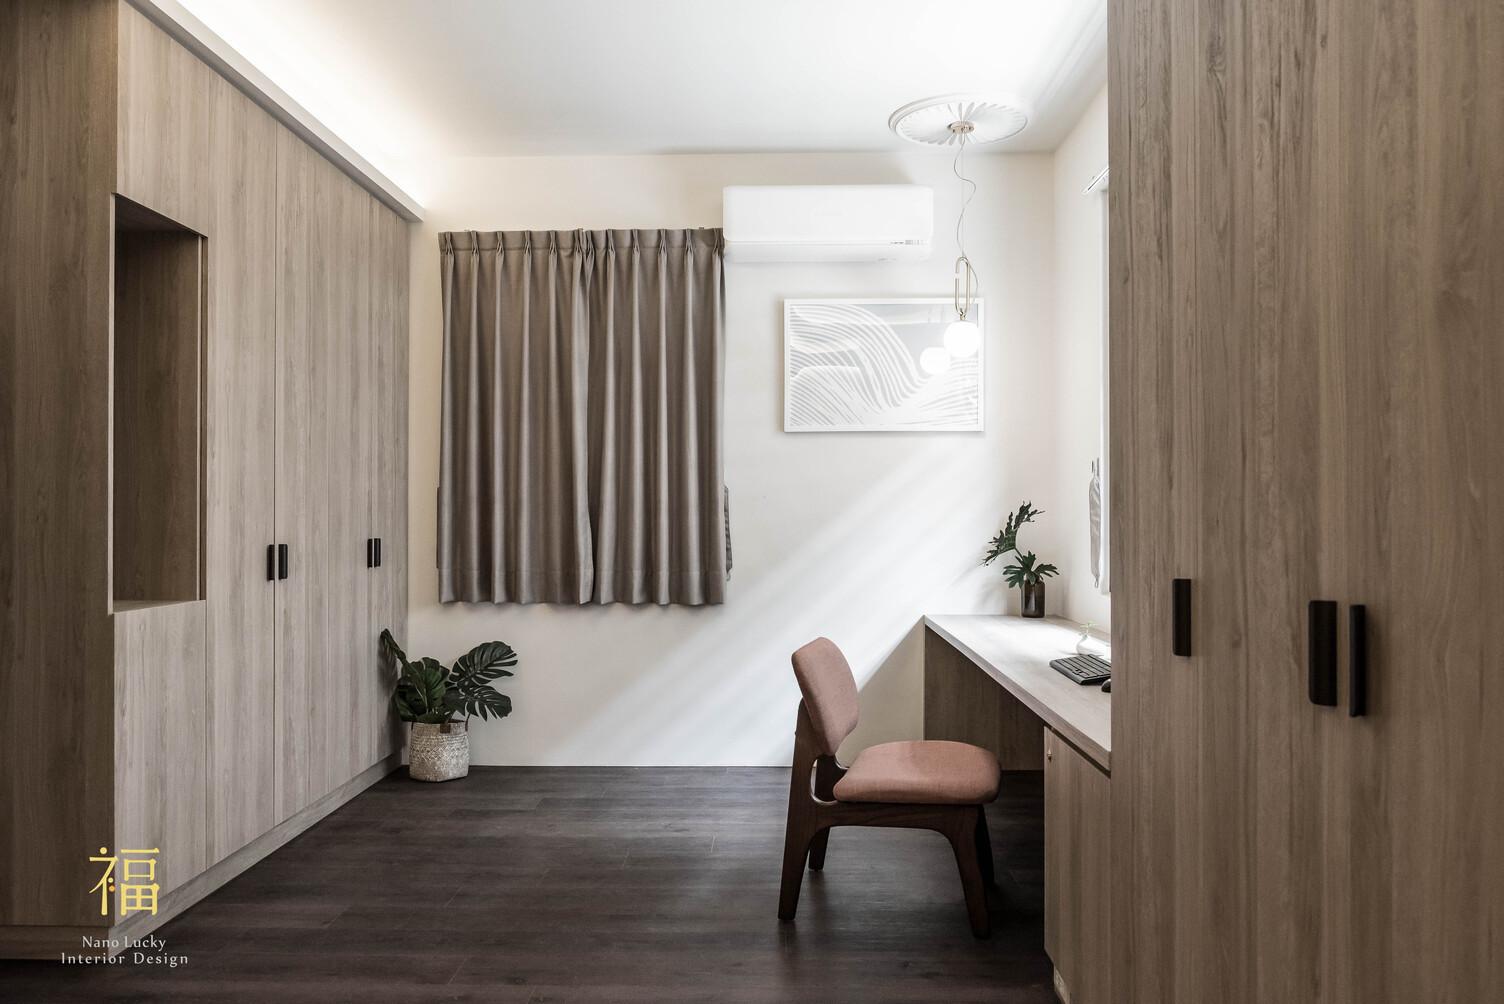 Nanolucky小福砌空間設計-小蘋果之家-住宅設計-現代北歐風-舊屋翻新